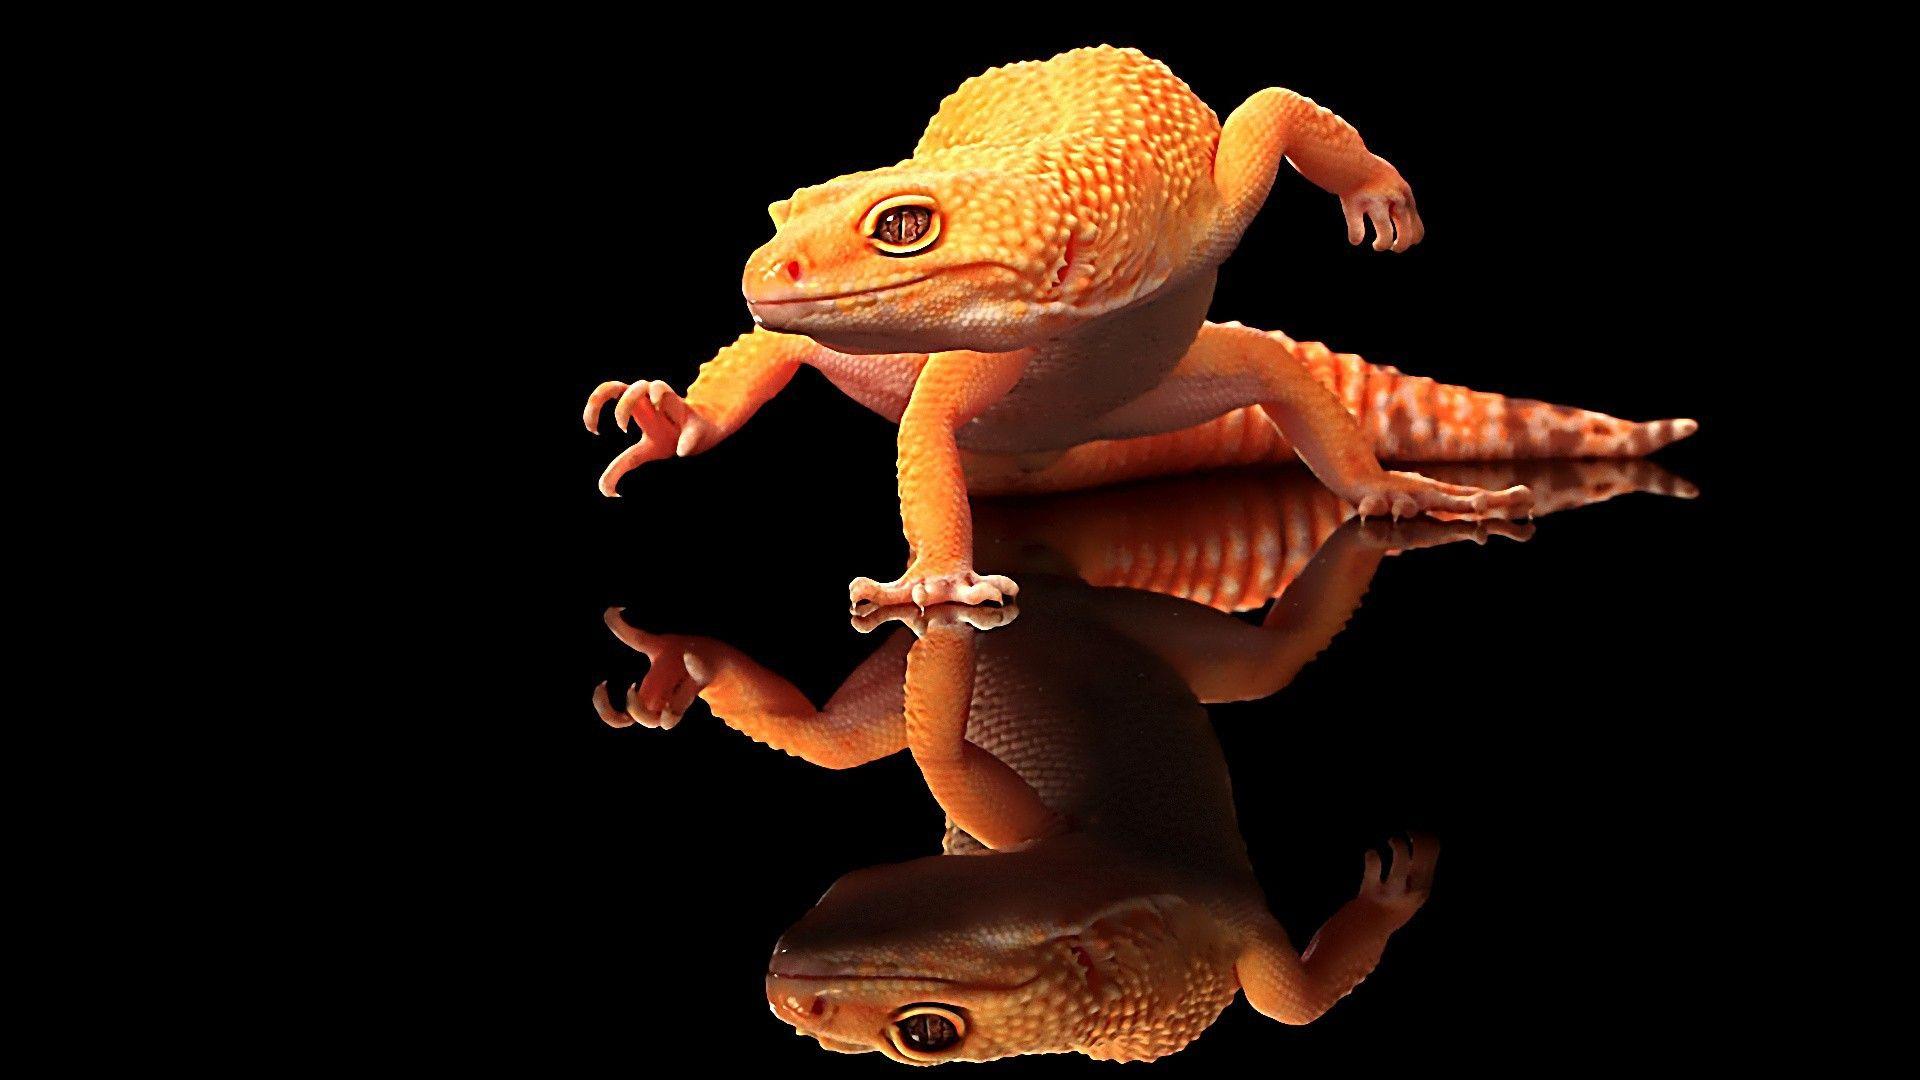 The Dancing Gecko